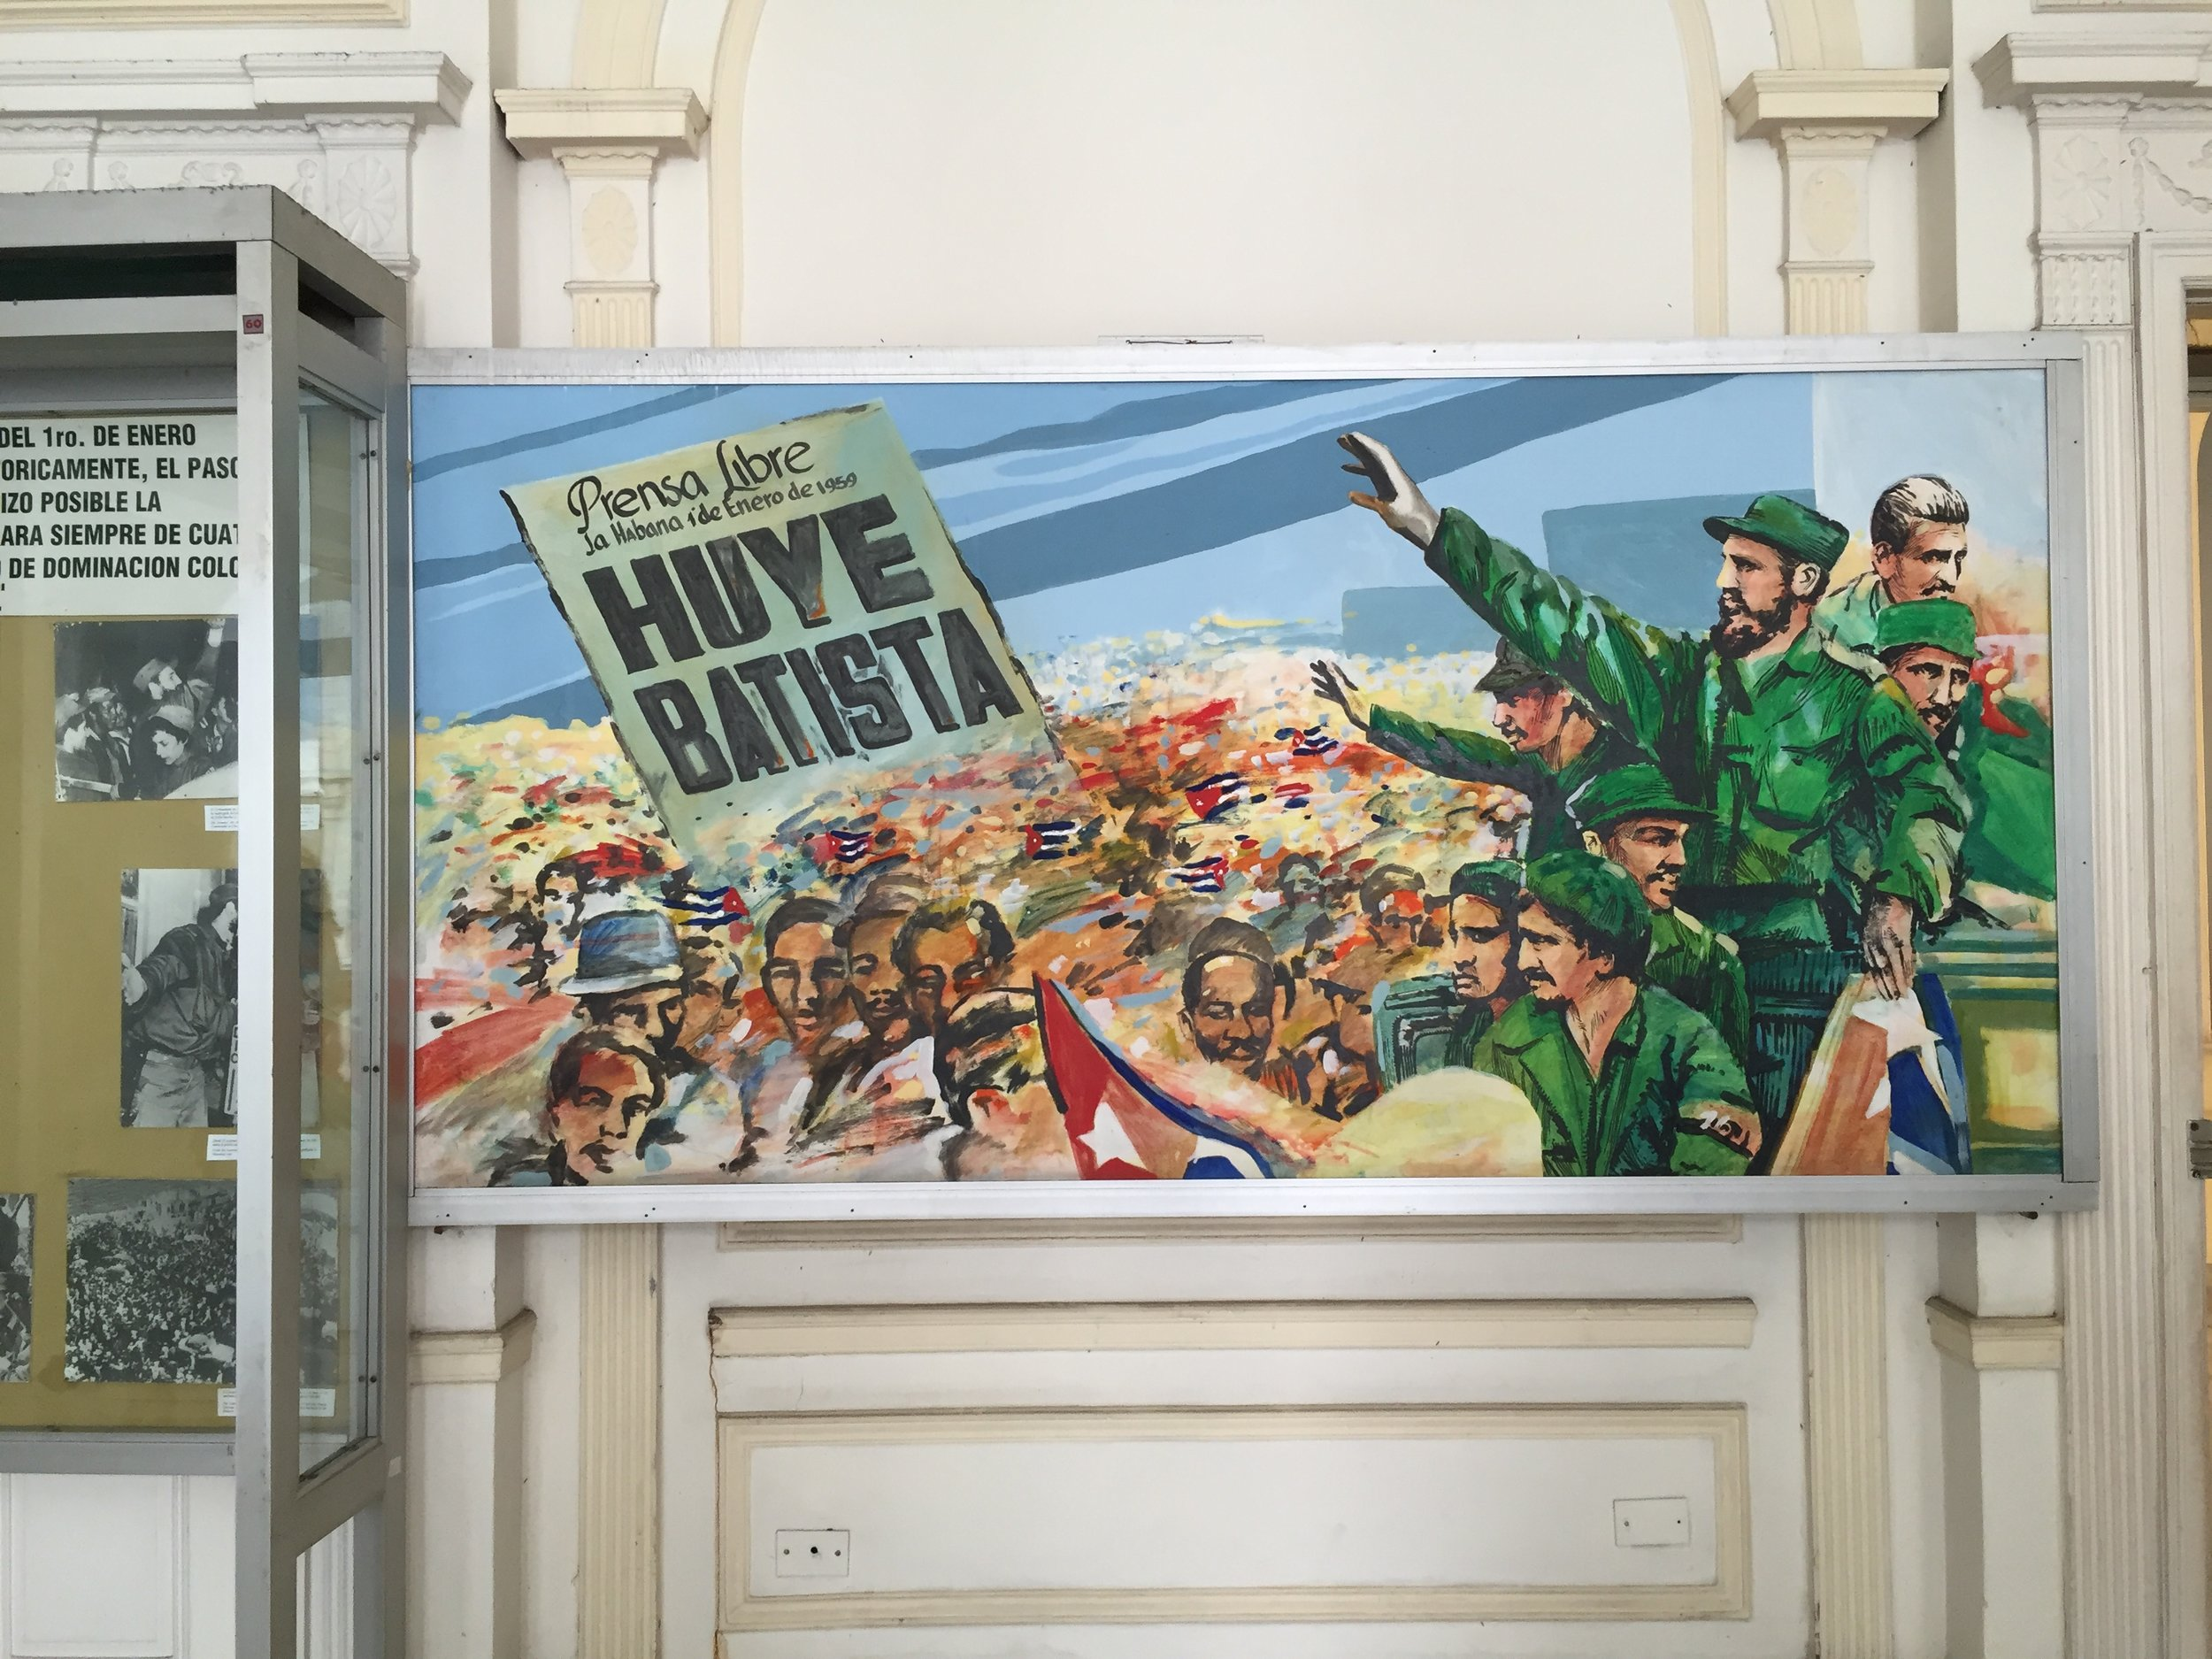 At the Museo de la Revolución